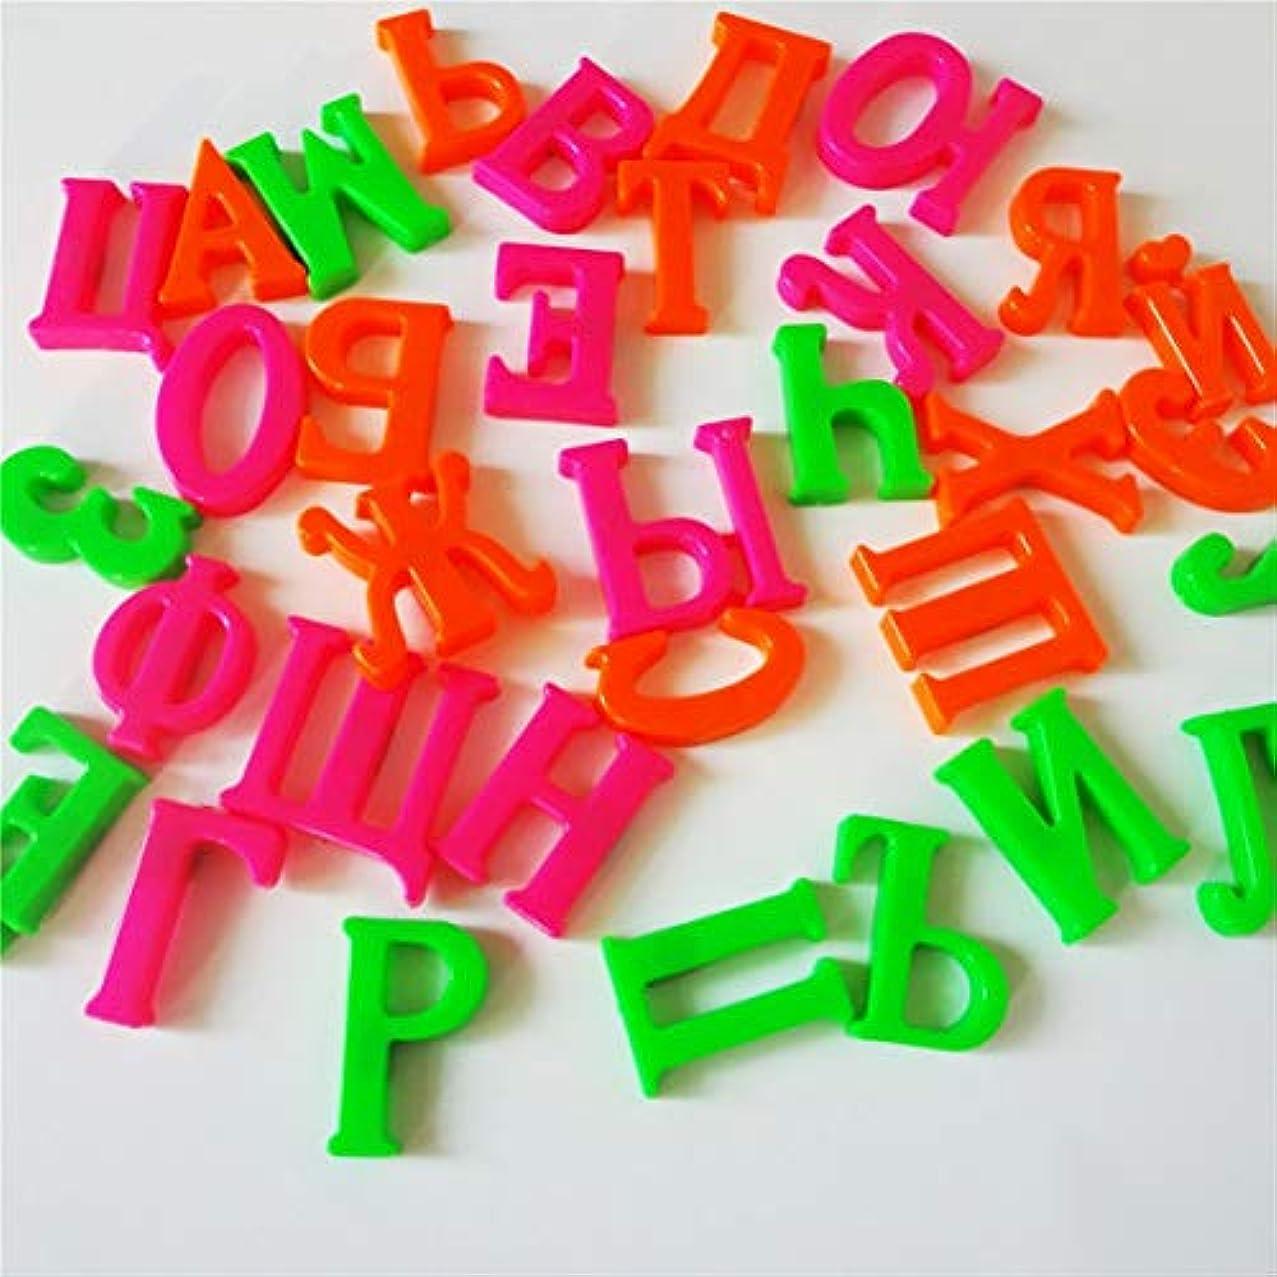 簡単にフィッティングなくなるKongqiabona 33個のロシアのアルファベットの冷蔵庫の磁石赤ちゃん教育学習玩具